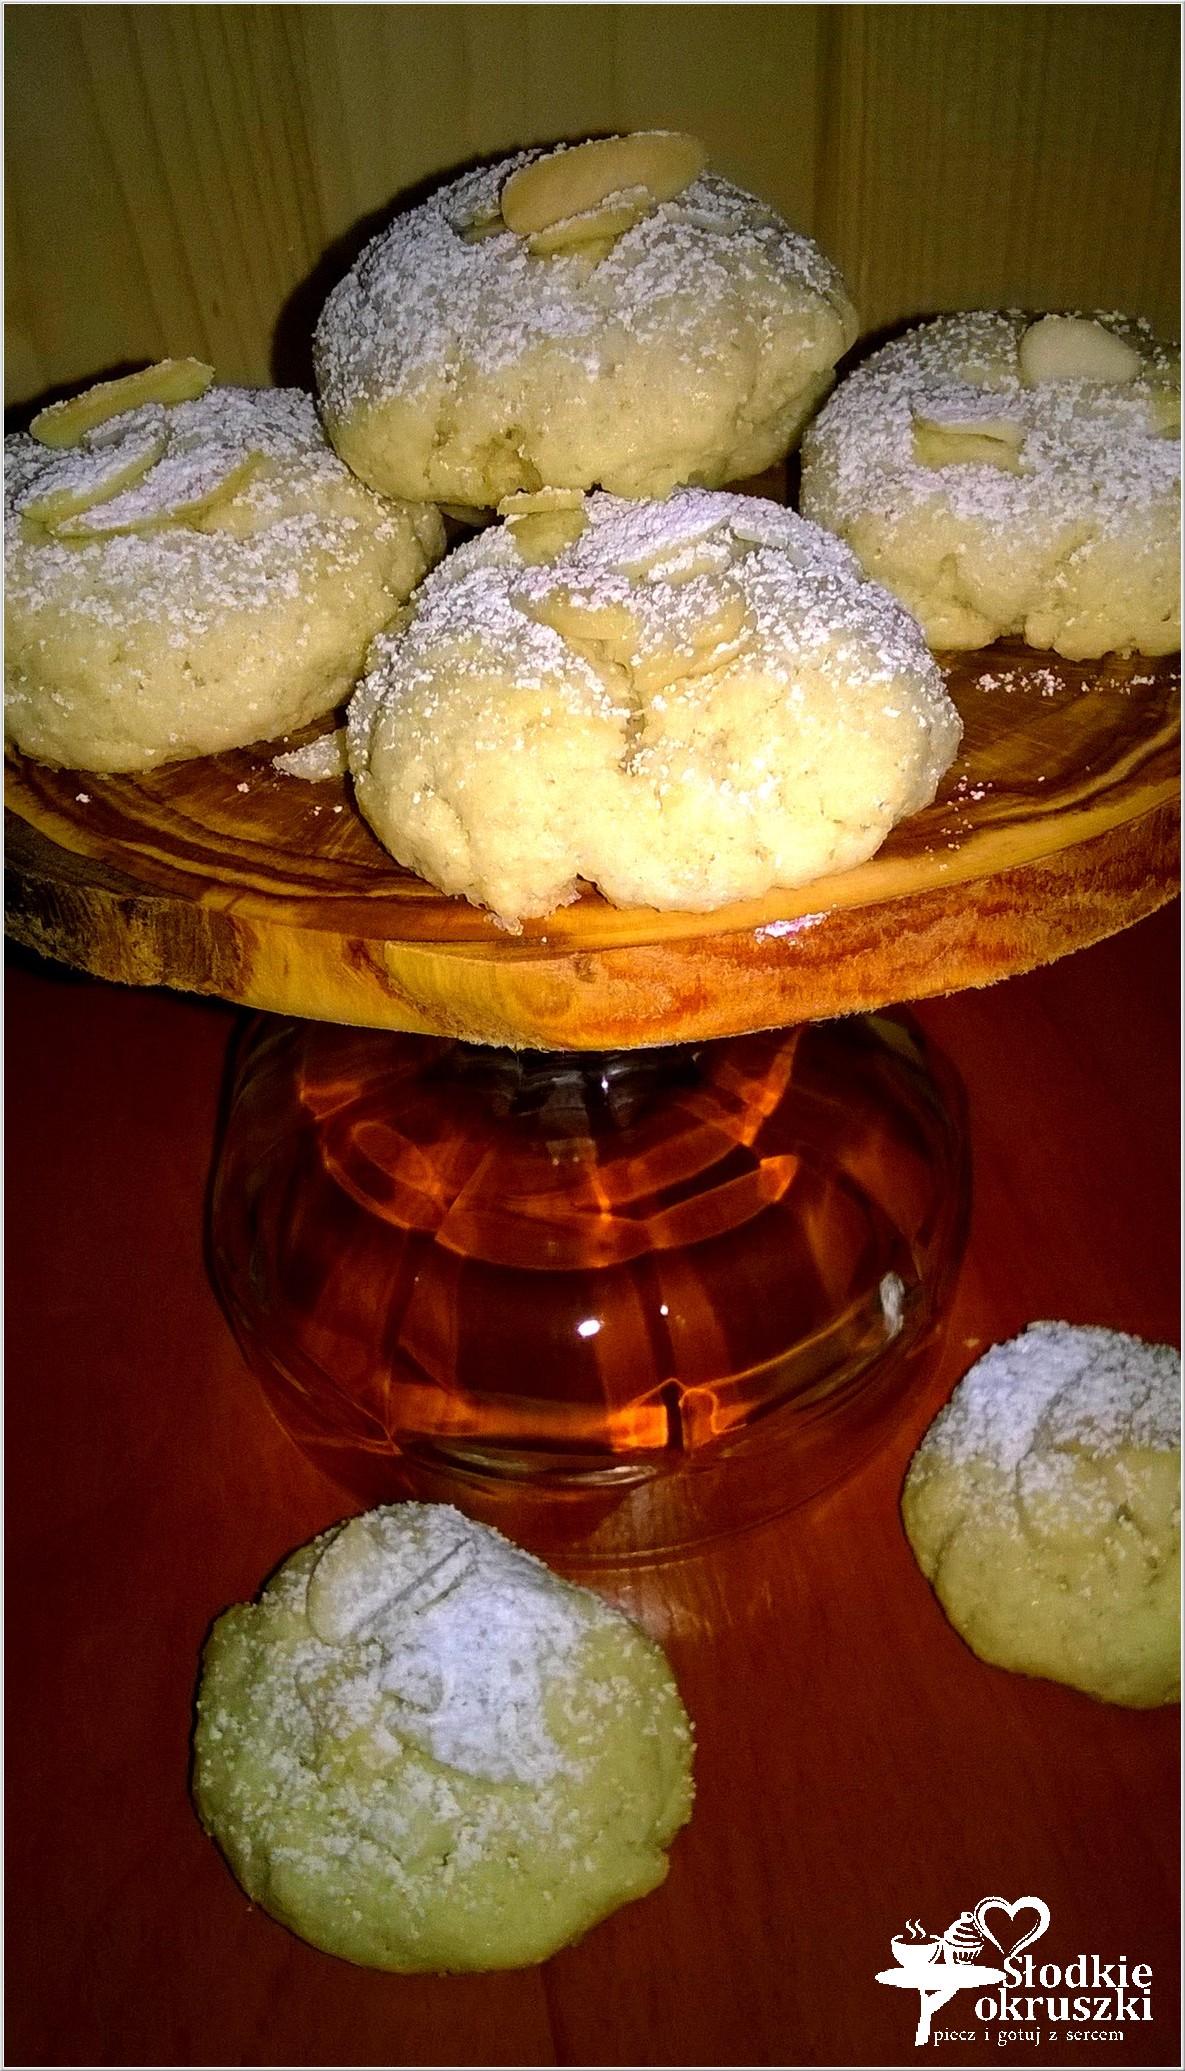 Delikatnie cynamonowe ciasteczka z kaszy manny z płatkami migdałowymi